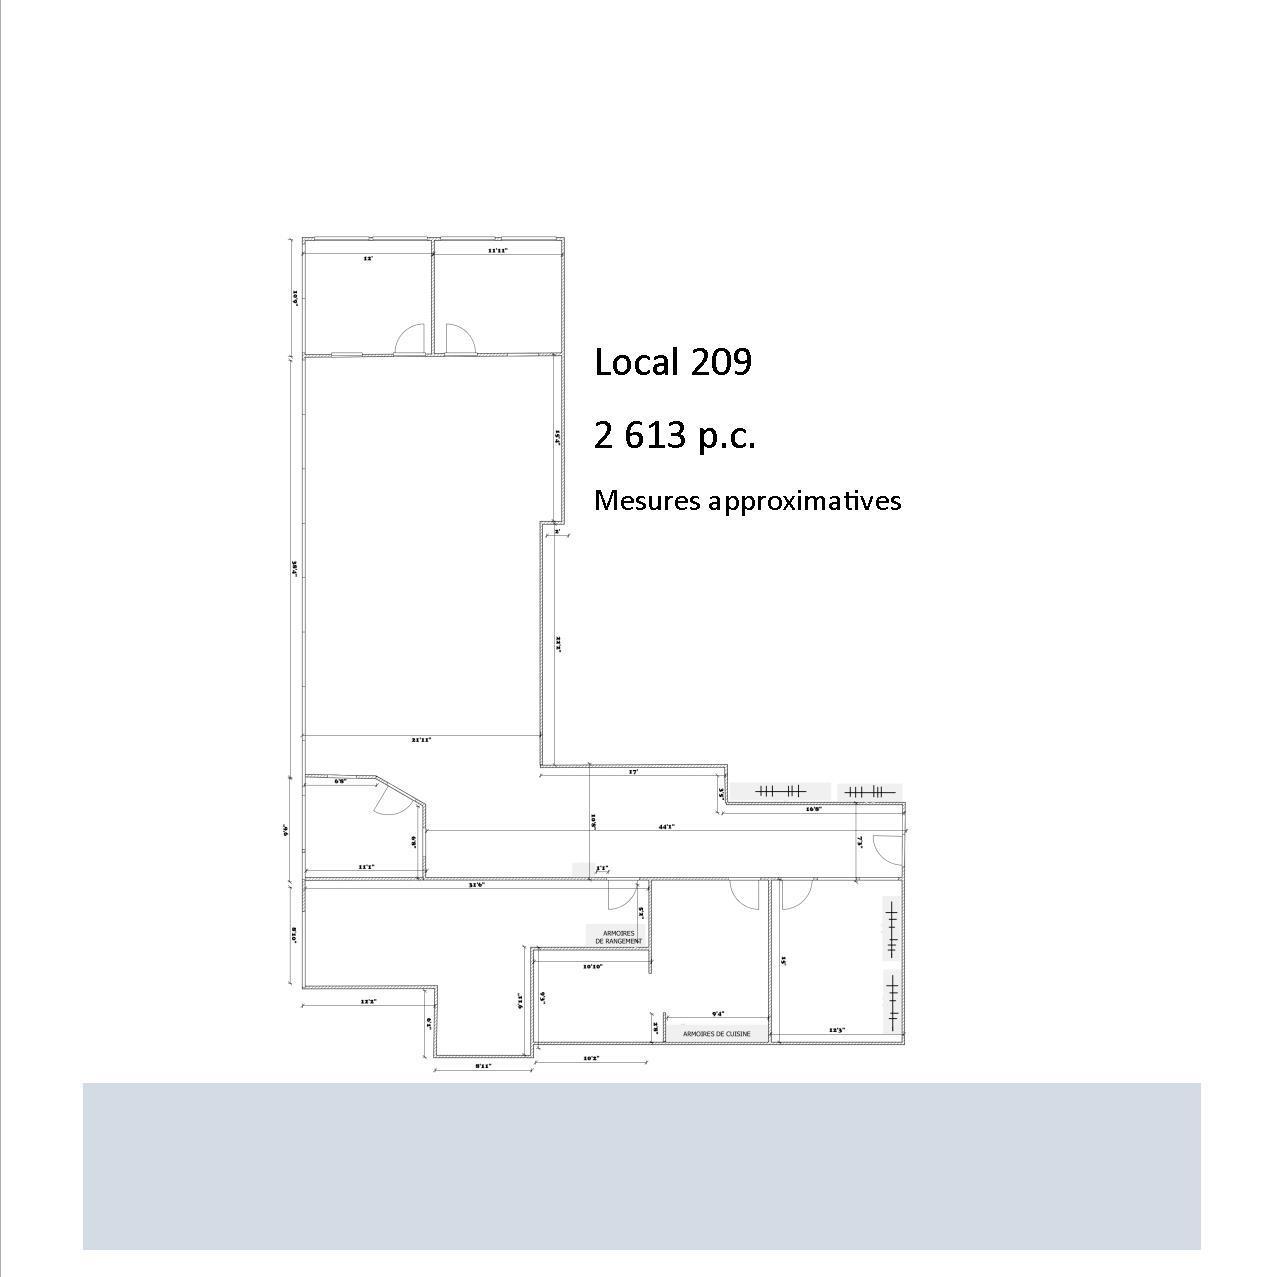 7777, boul. Guillaume-Couture, 2 613 à 9 000 p.c. - Immeubles Simard